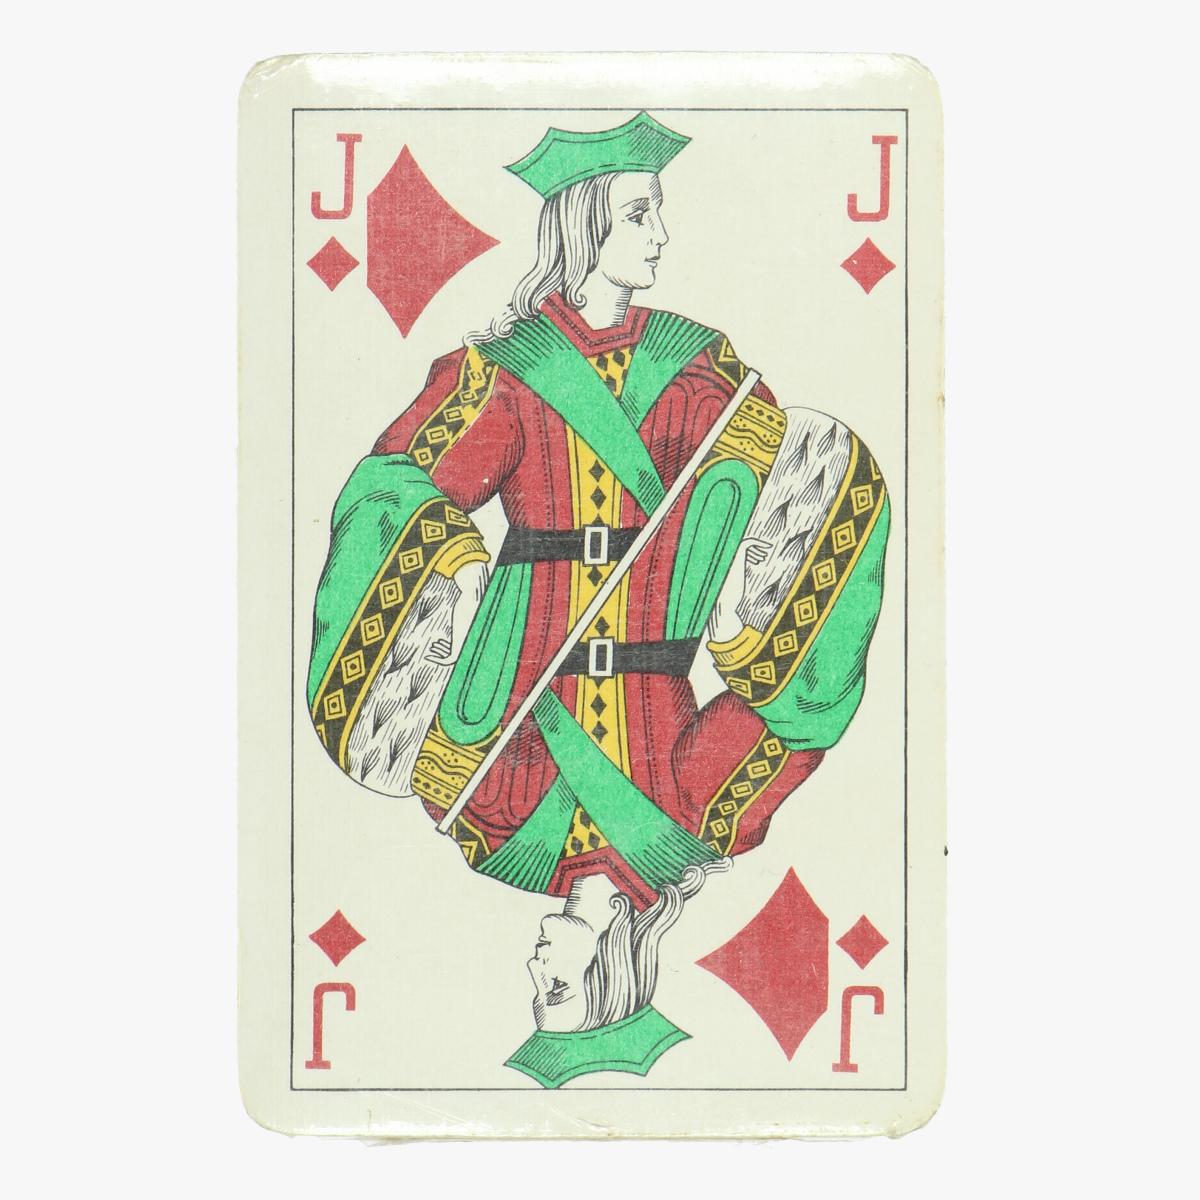 Afbeeldingen van oude speelkaarten haacht